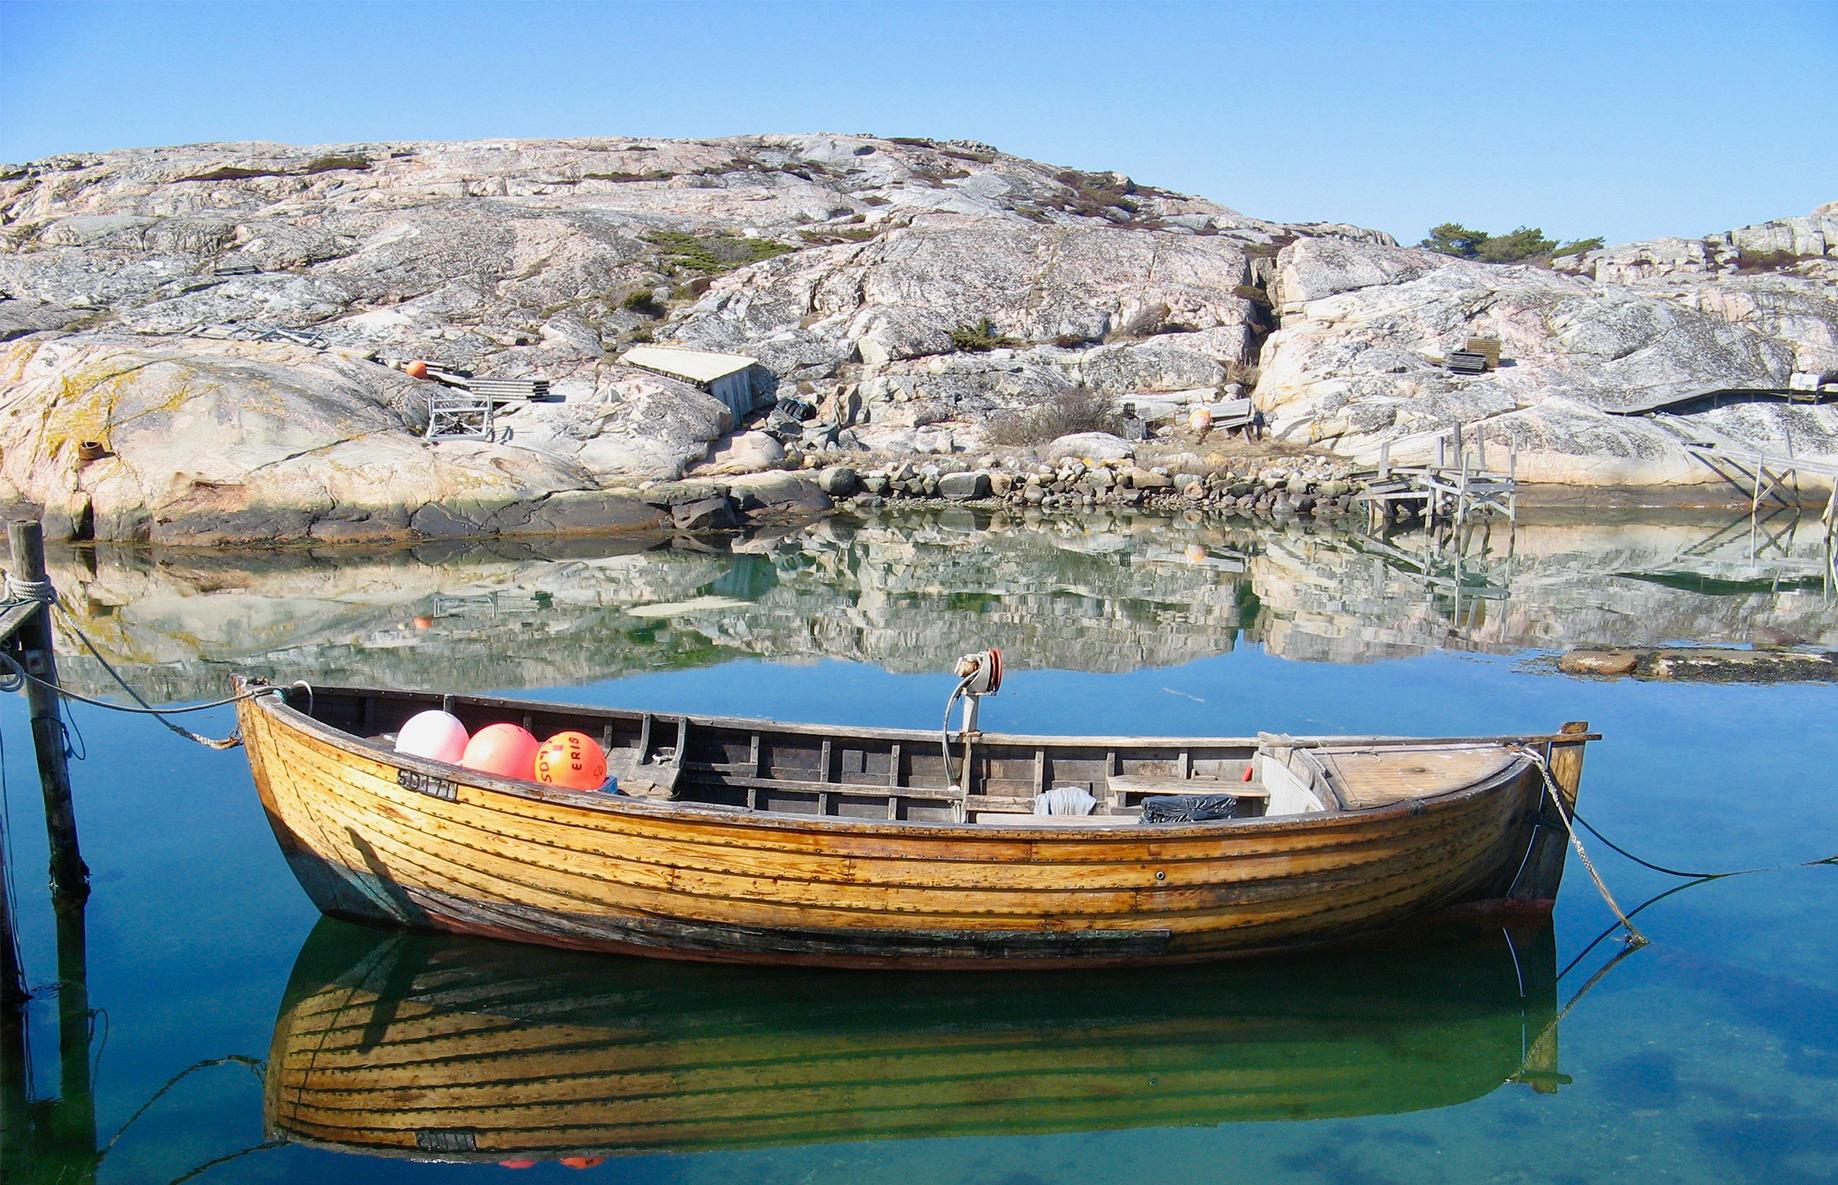 En gammal träbåt ligger tryggt i hamn vid havet